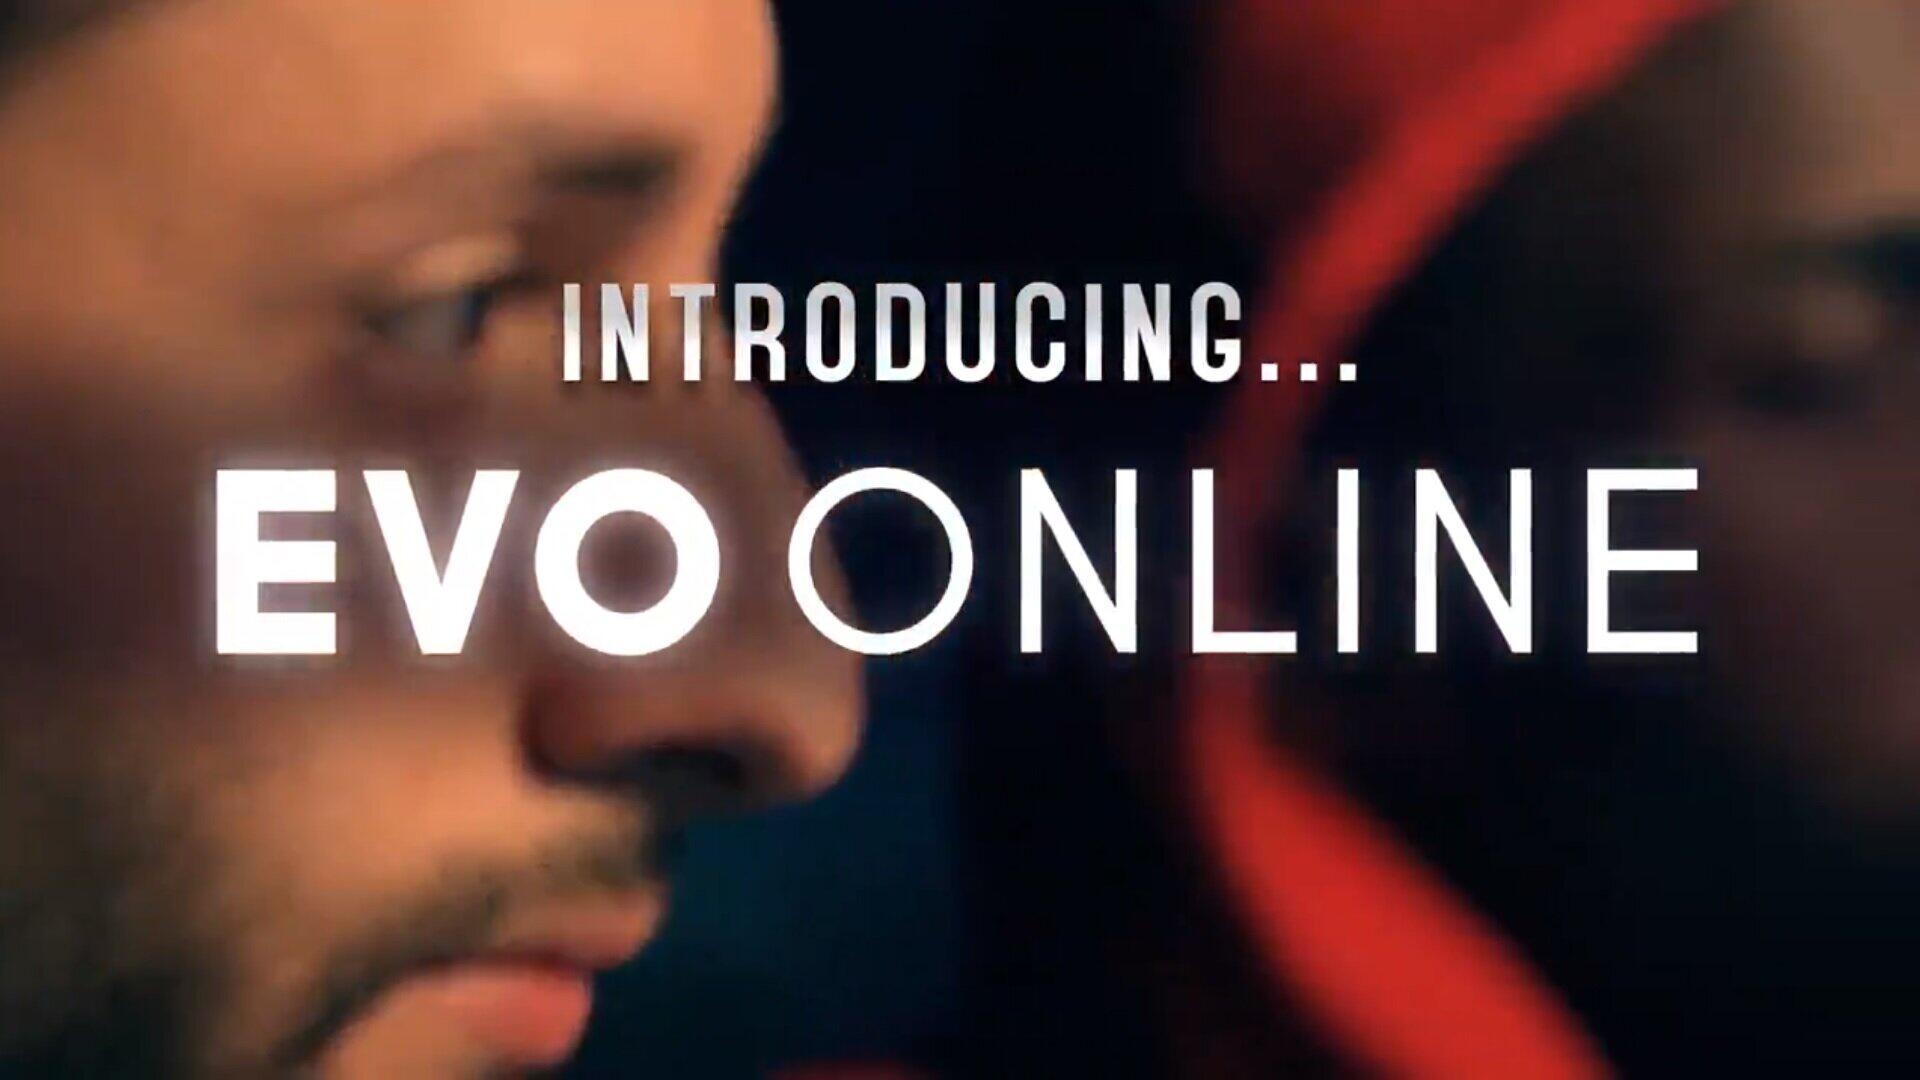 世界最大のeスポーツイベント「EVO」もオンライン開催 新たな取り組みで業界発展に